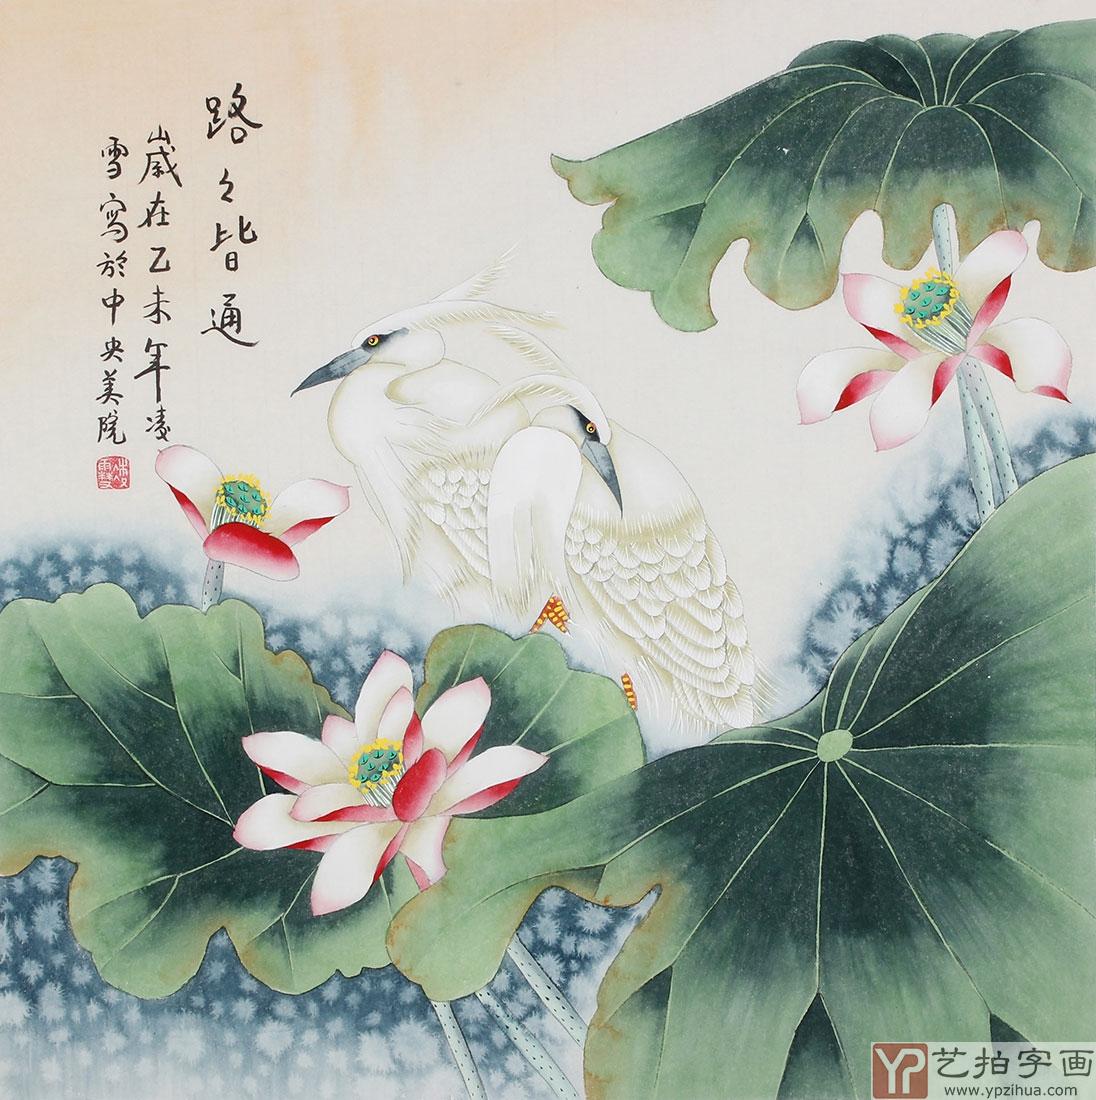 【已售】北京美协 工笔画名家 凌雪斗方工笔画《路路皆通》